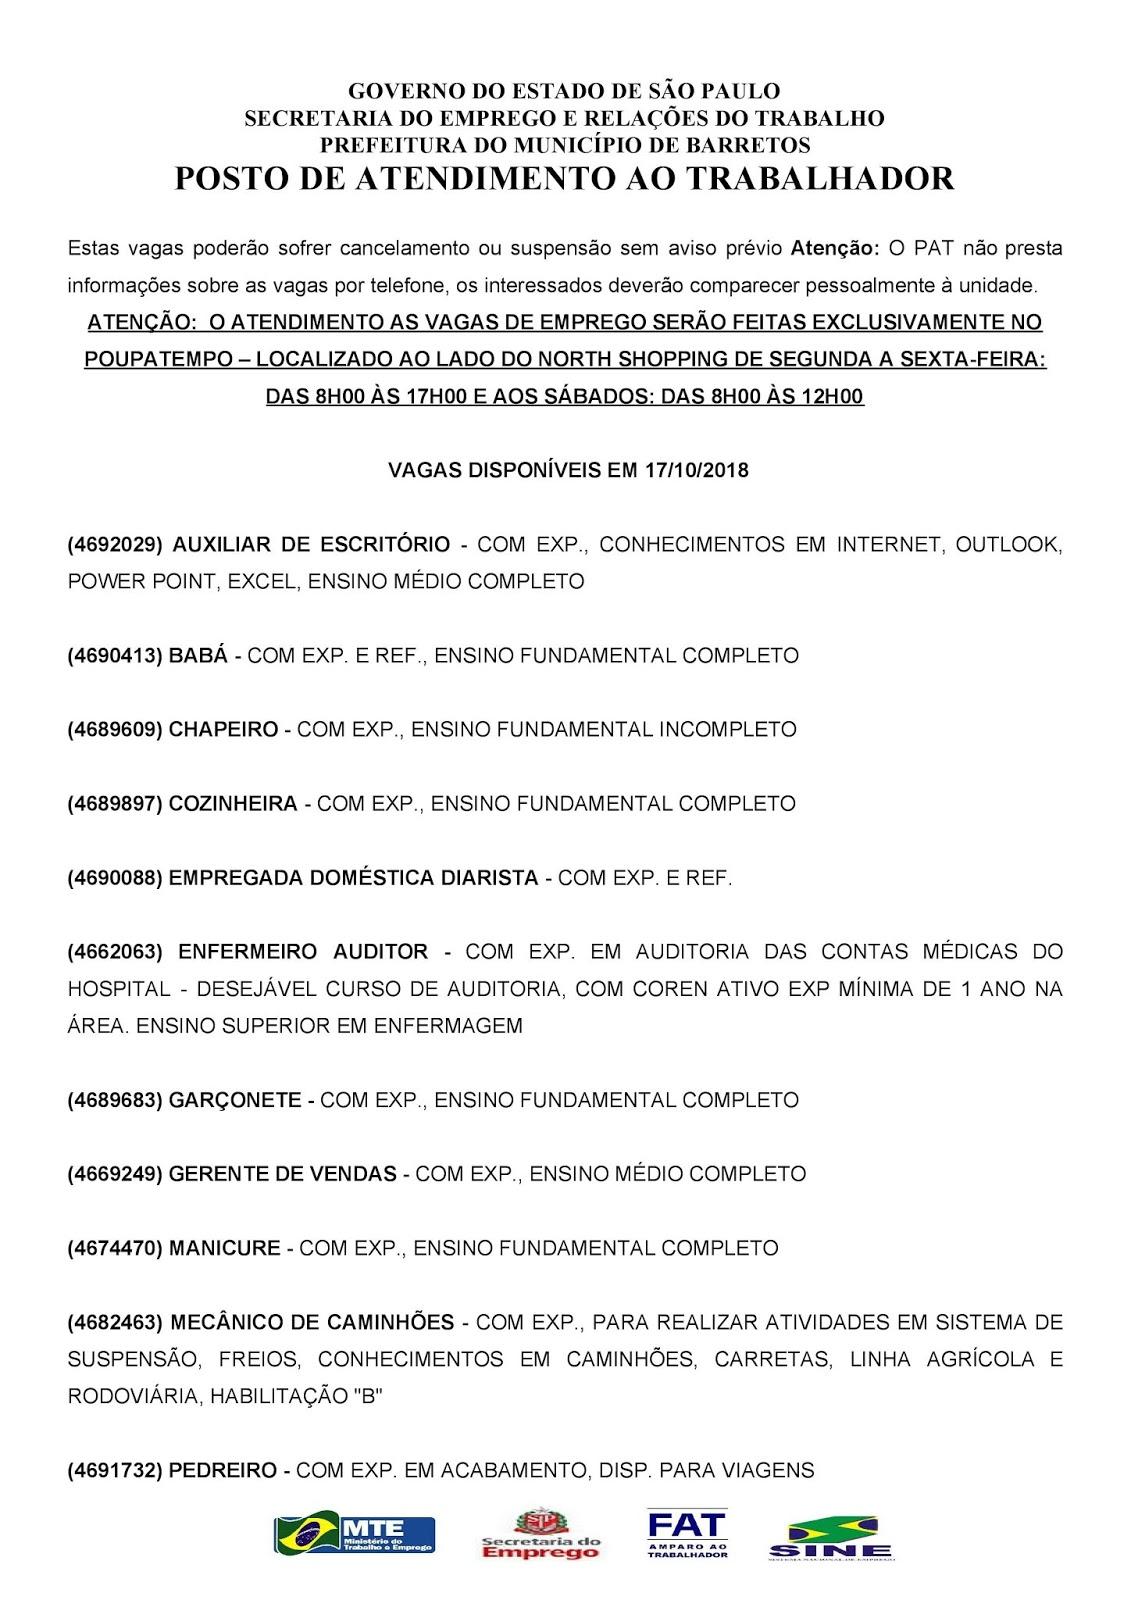 VAGAS DE EMPREGO DO PAT BARRETOS-SP PARA 17/10/2018 QUARTA-FEIRA - PÁG. 1